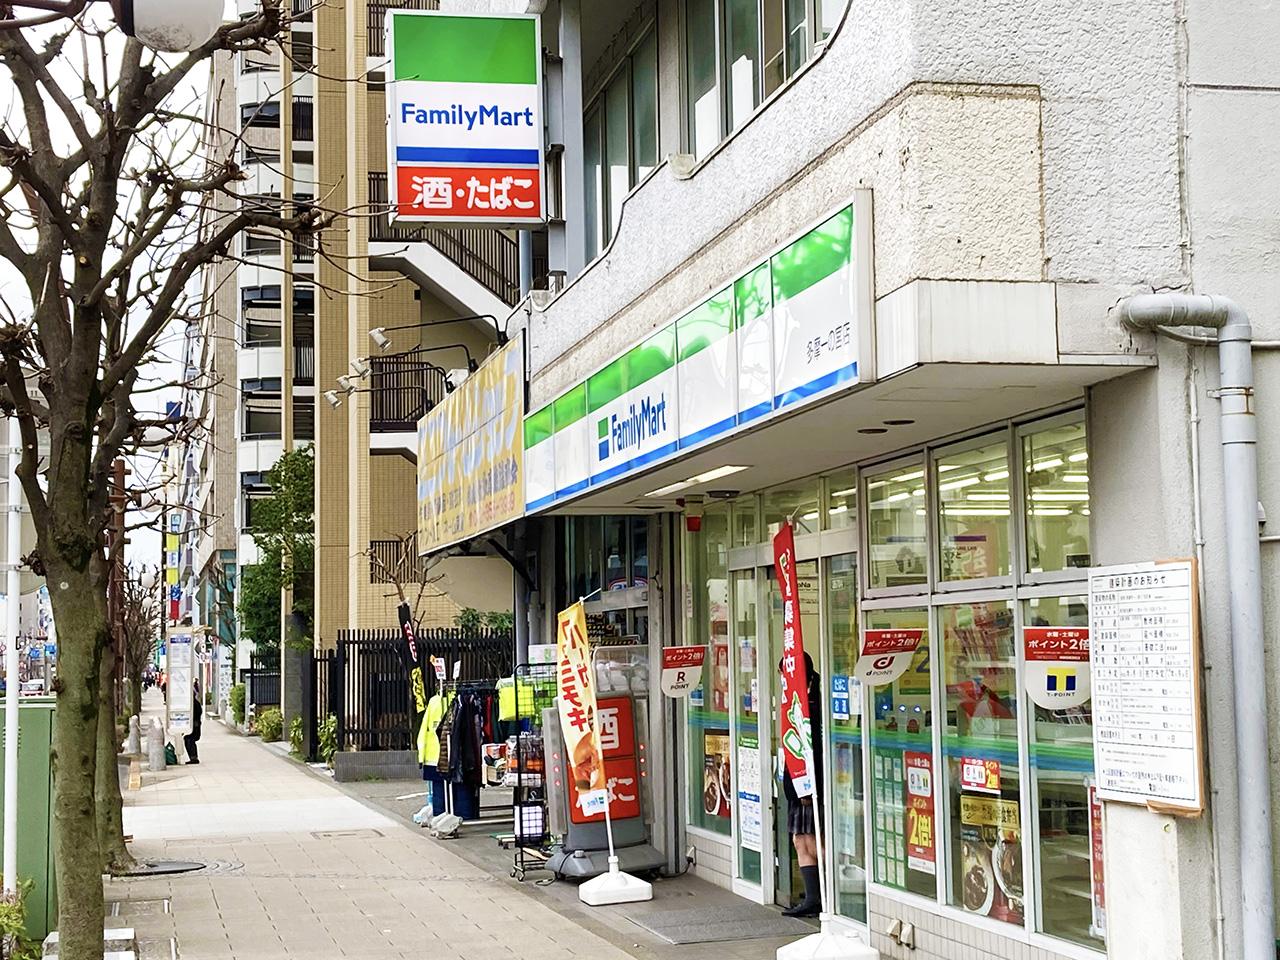 「ファミリーマート多摩一ノ宮店が2月末で閉店/9月から一ノ宮ストアー立て替えも